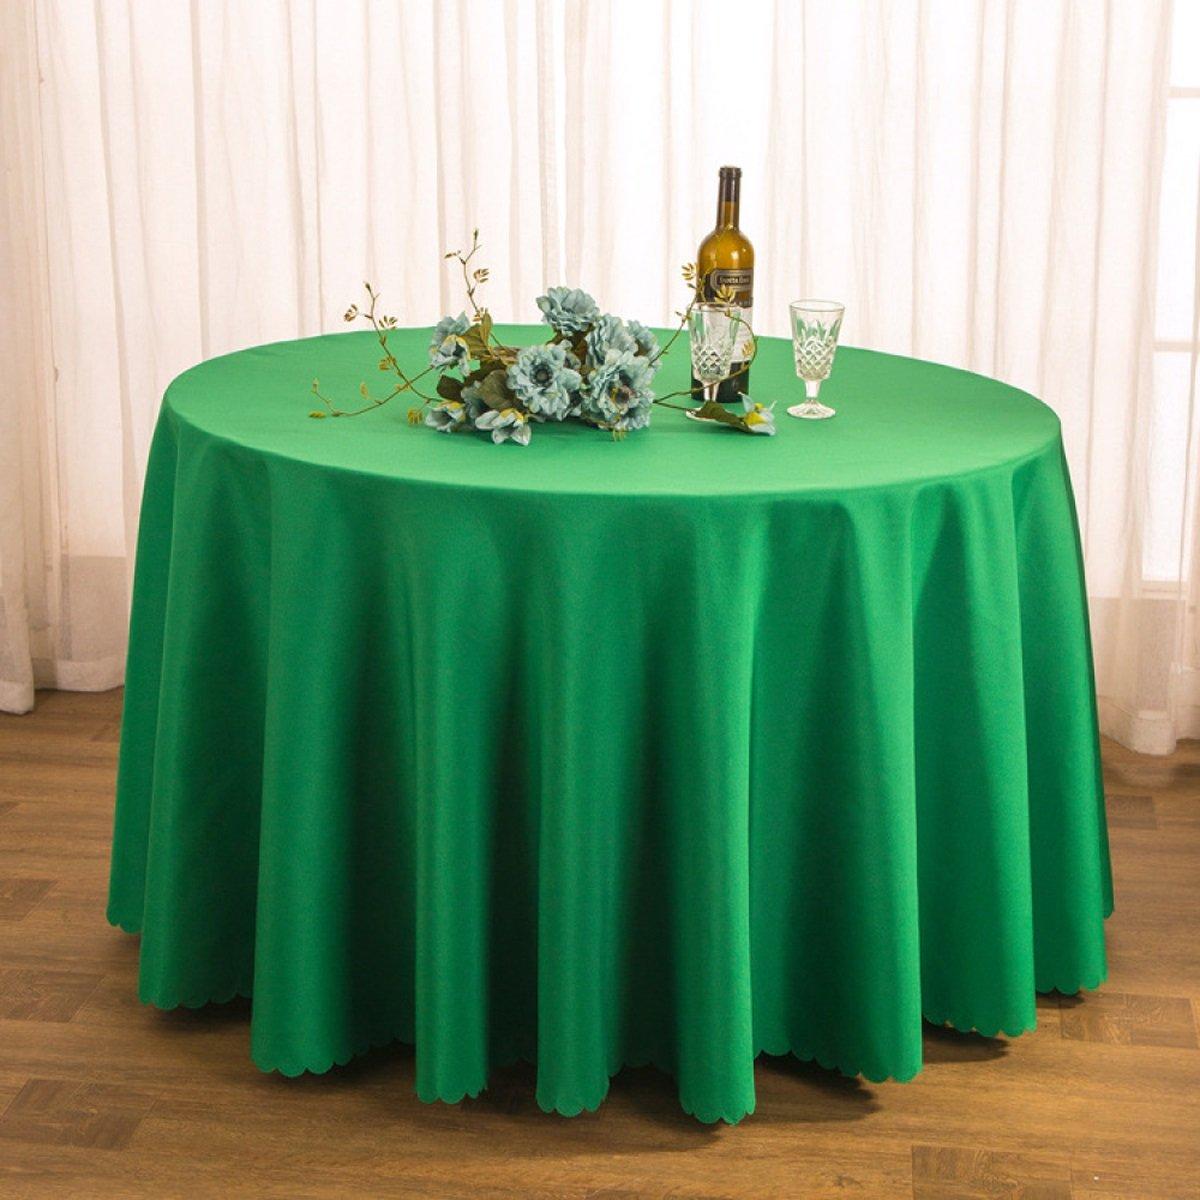 Tao Tischtuch Tischdecke Stoff Tee Tischdecke Hotel Restaurant Polyester Tischdecke Konferenztisch Rock Hochzeit Jacquard Runde Tischdecke Öl-Besteändig Leicht zu reinigen (Farbe   D, größe   300cm) B07CSRYQKG TischdeckenHervorragende